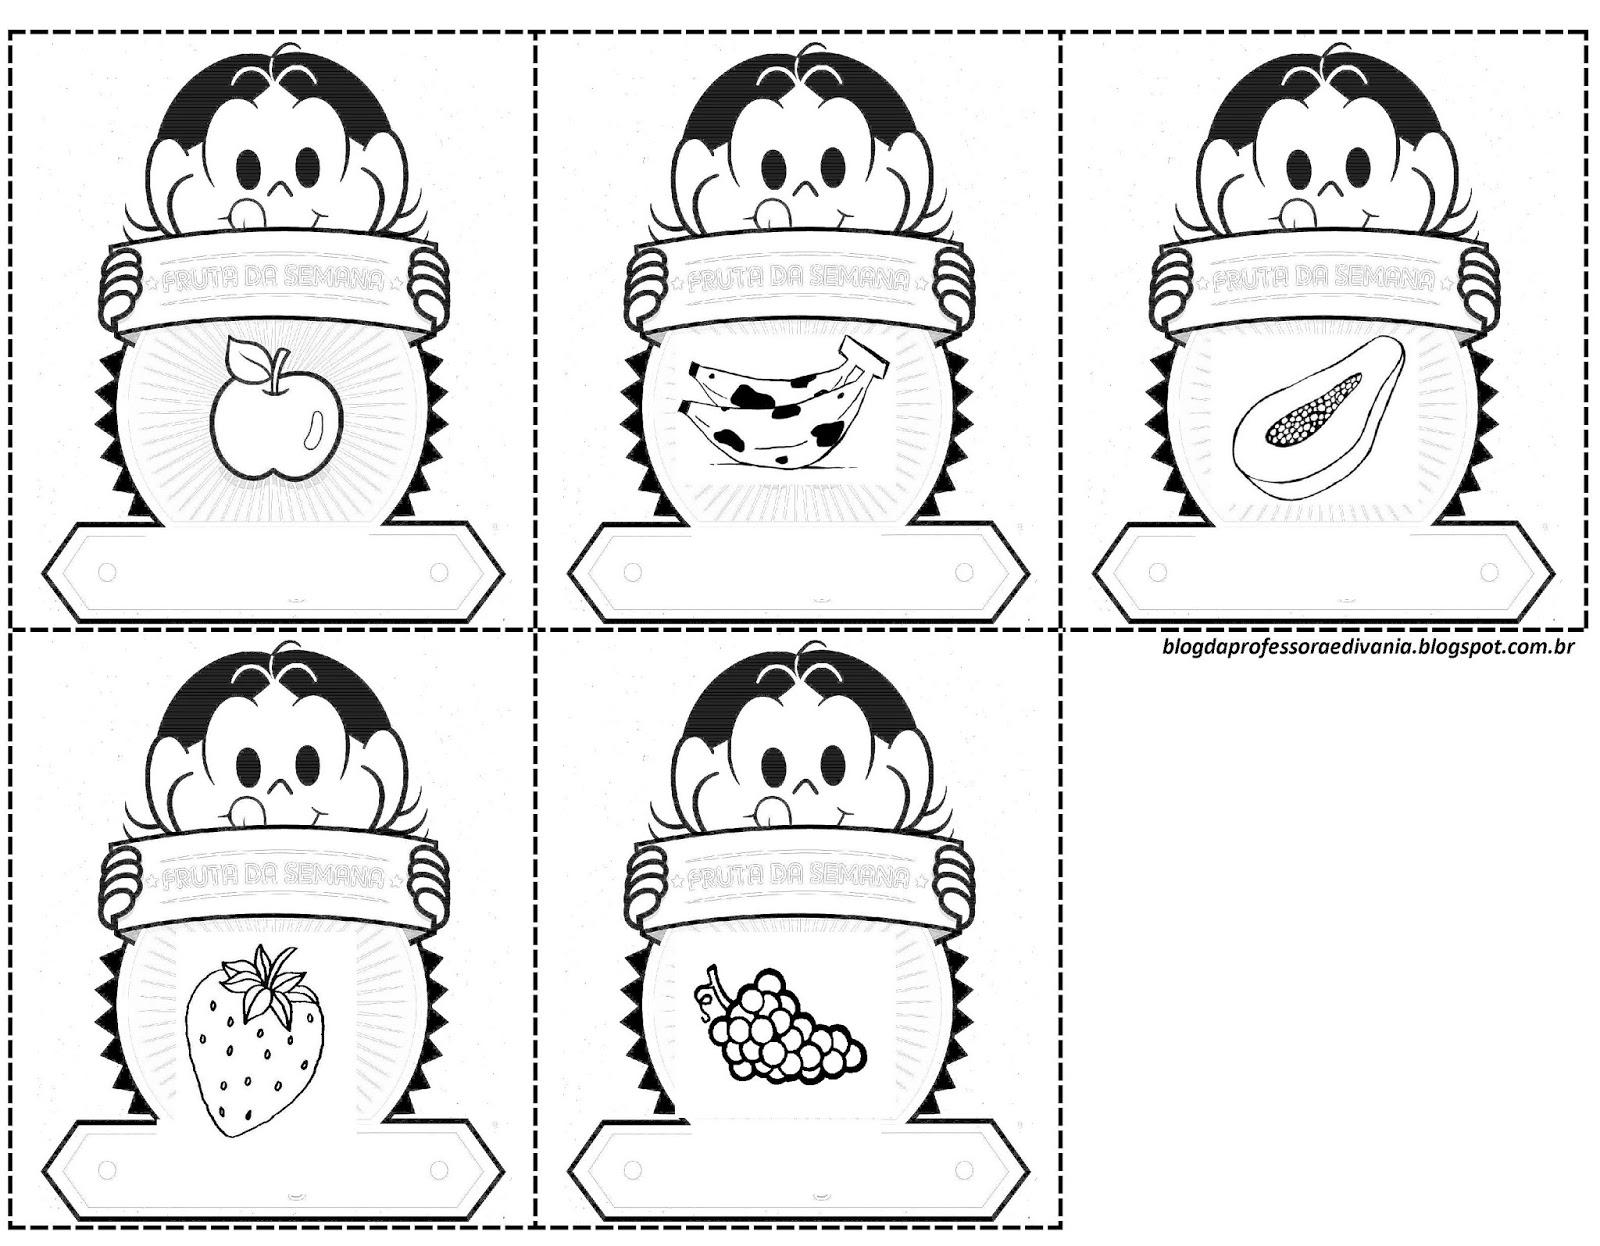 Ditado Recortado sobre Alimentação Saudável - Para Imprimir e Colorir